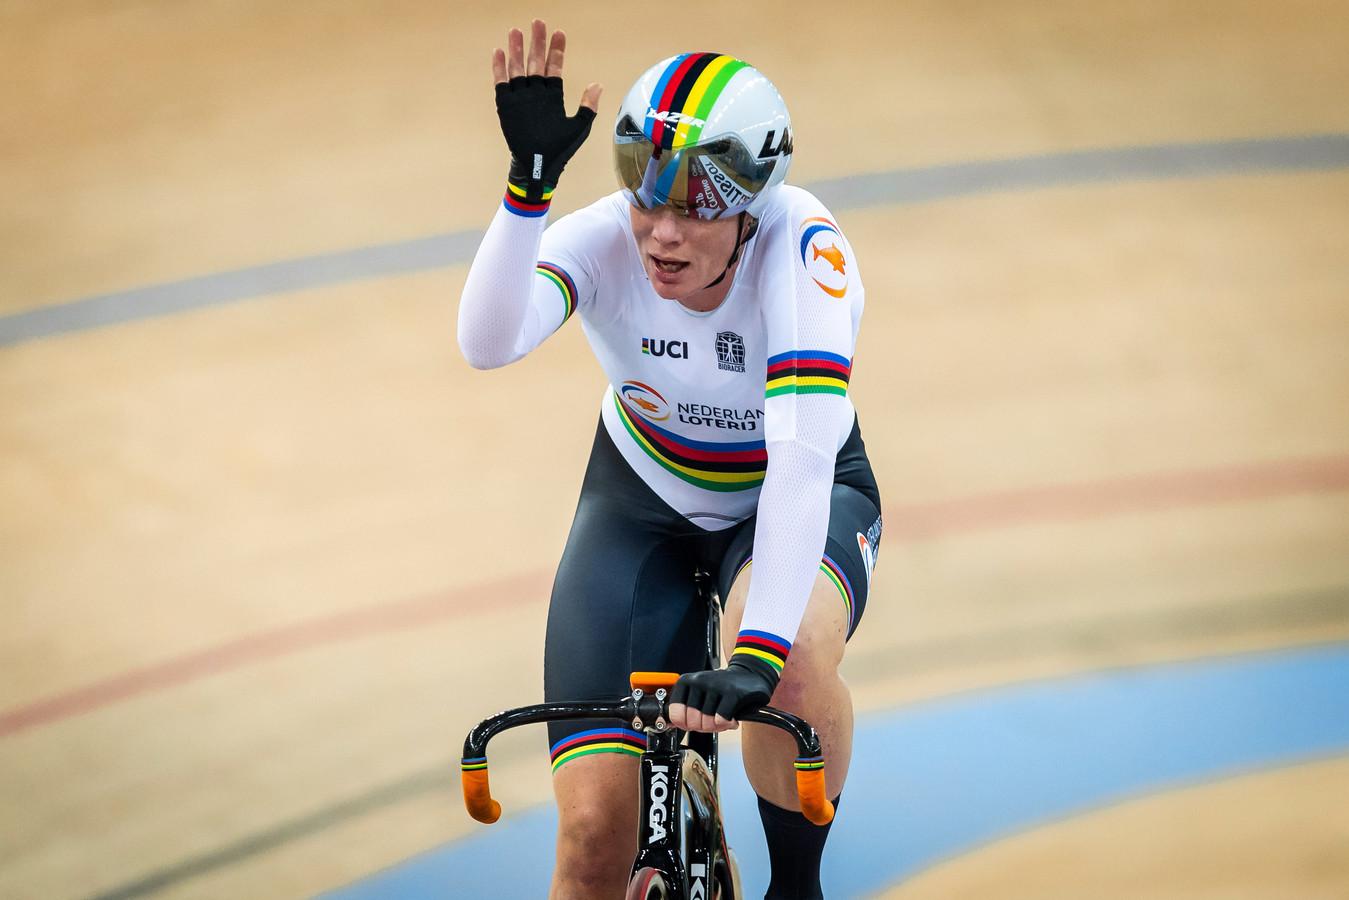 Begin dit jaar won Kirsten Wild op de Velodrome in Hongkong.